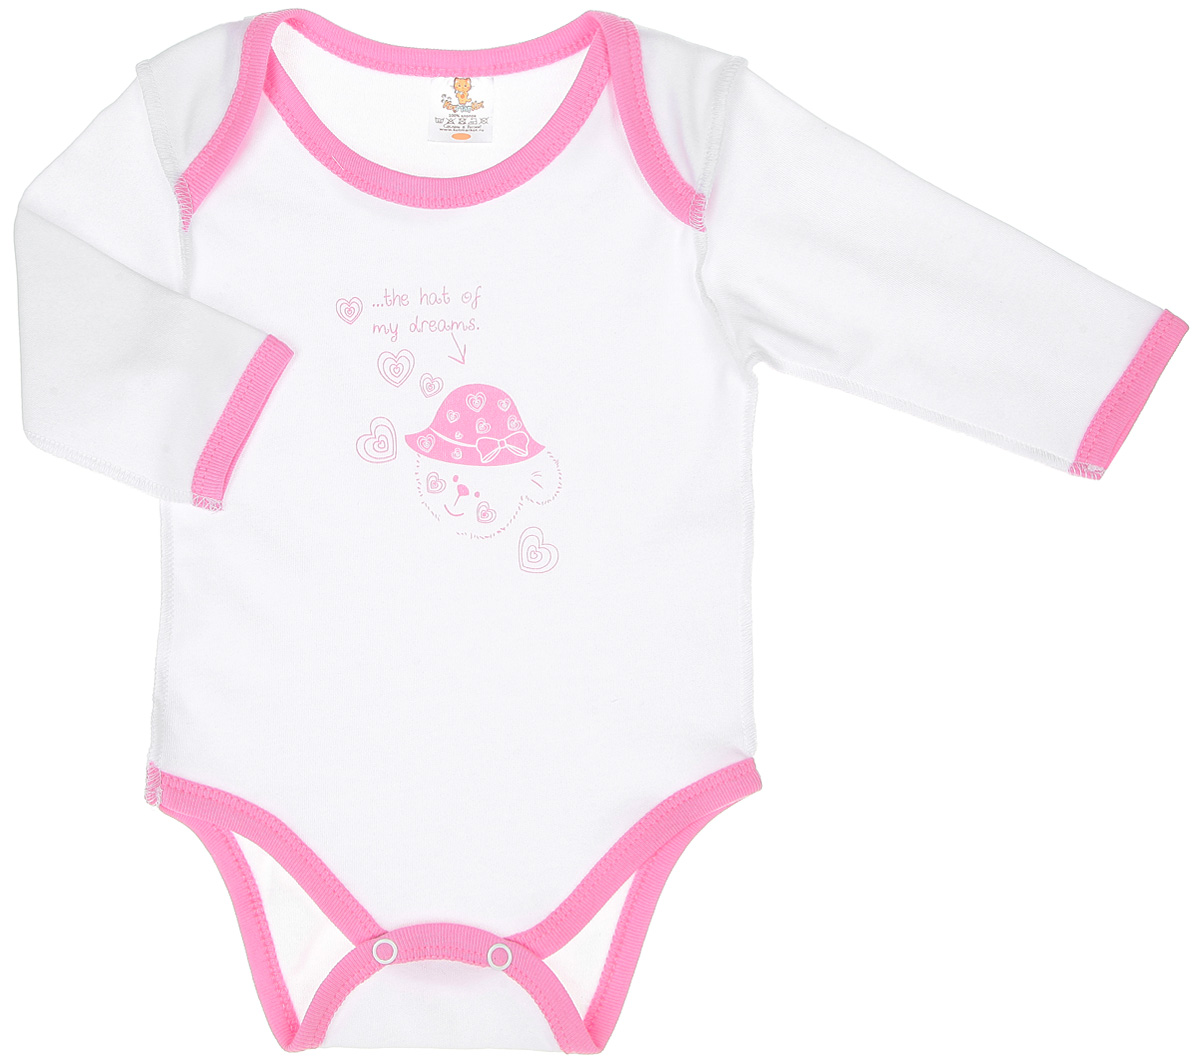 Фото Боди с длинным рукавом детское КотМарКот Мишка в шляпе, цвет: белый, розовый. 3975. Размер 62, 1-3 месяца